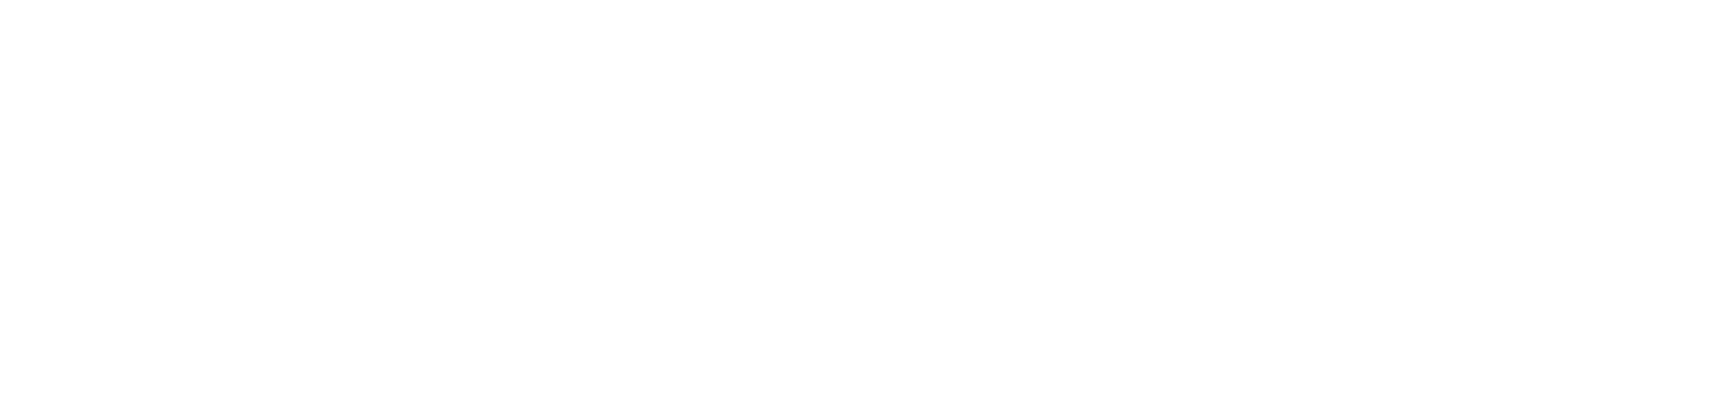 s7health logo biale - Pakiet Bursztynowy